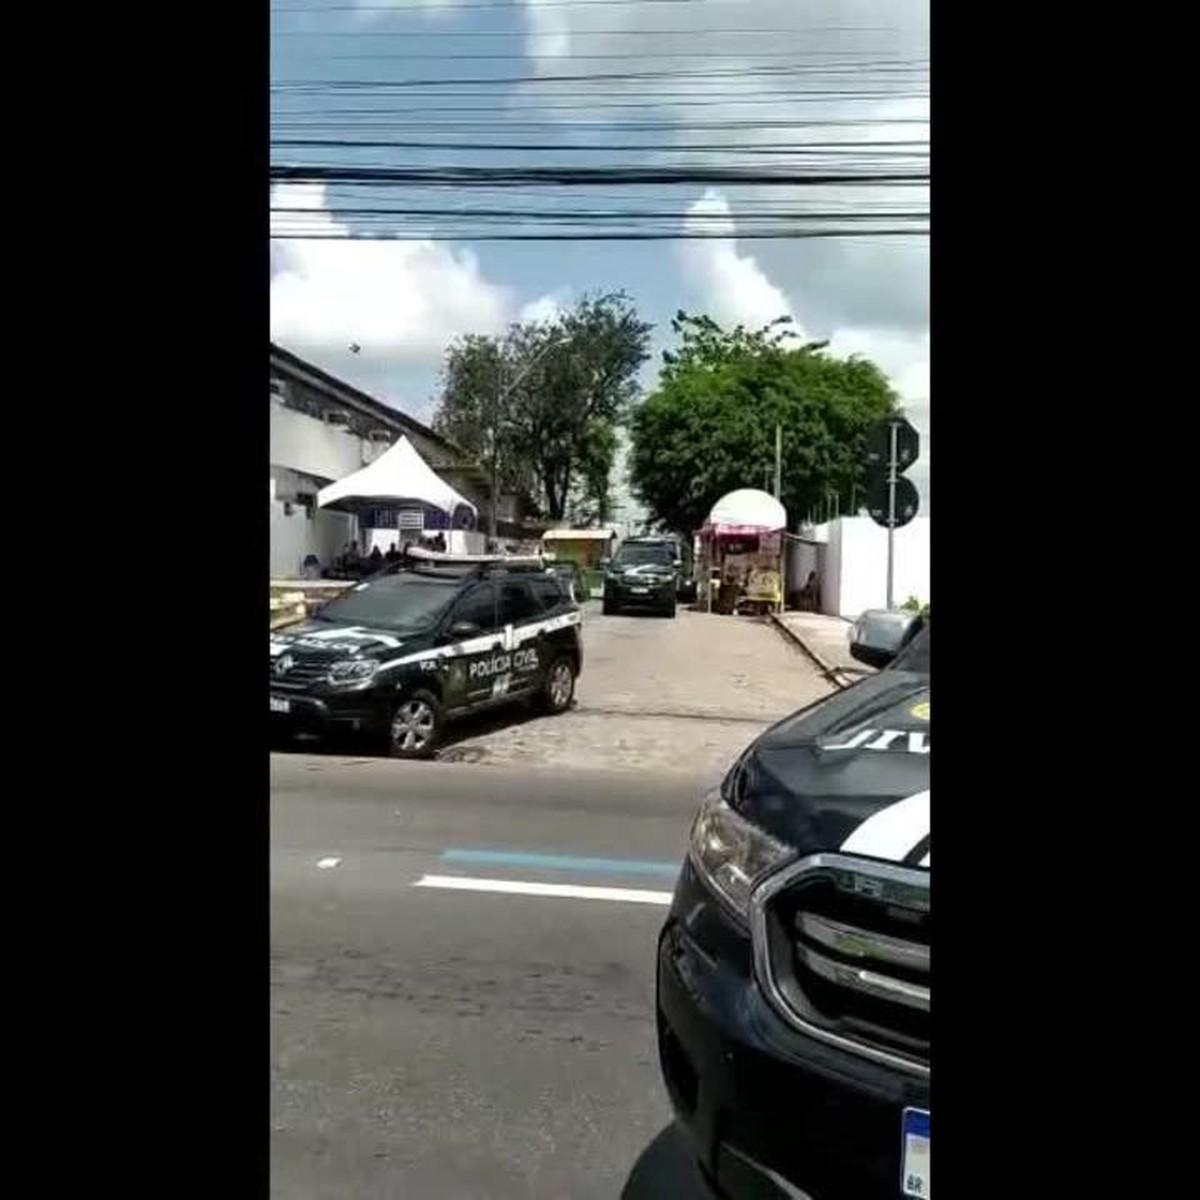 Presos barrados no Presídio do Agreste são levados para a Casa de Custódia de Santana do Ipanema, AL